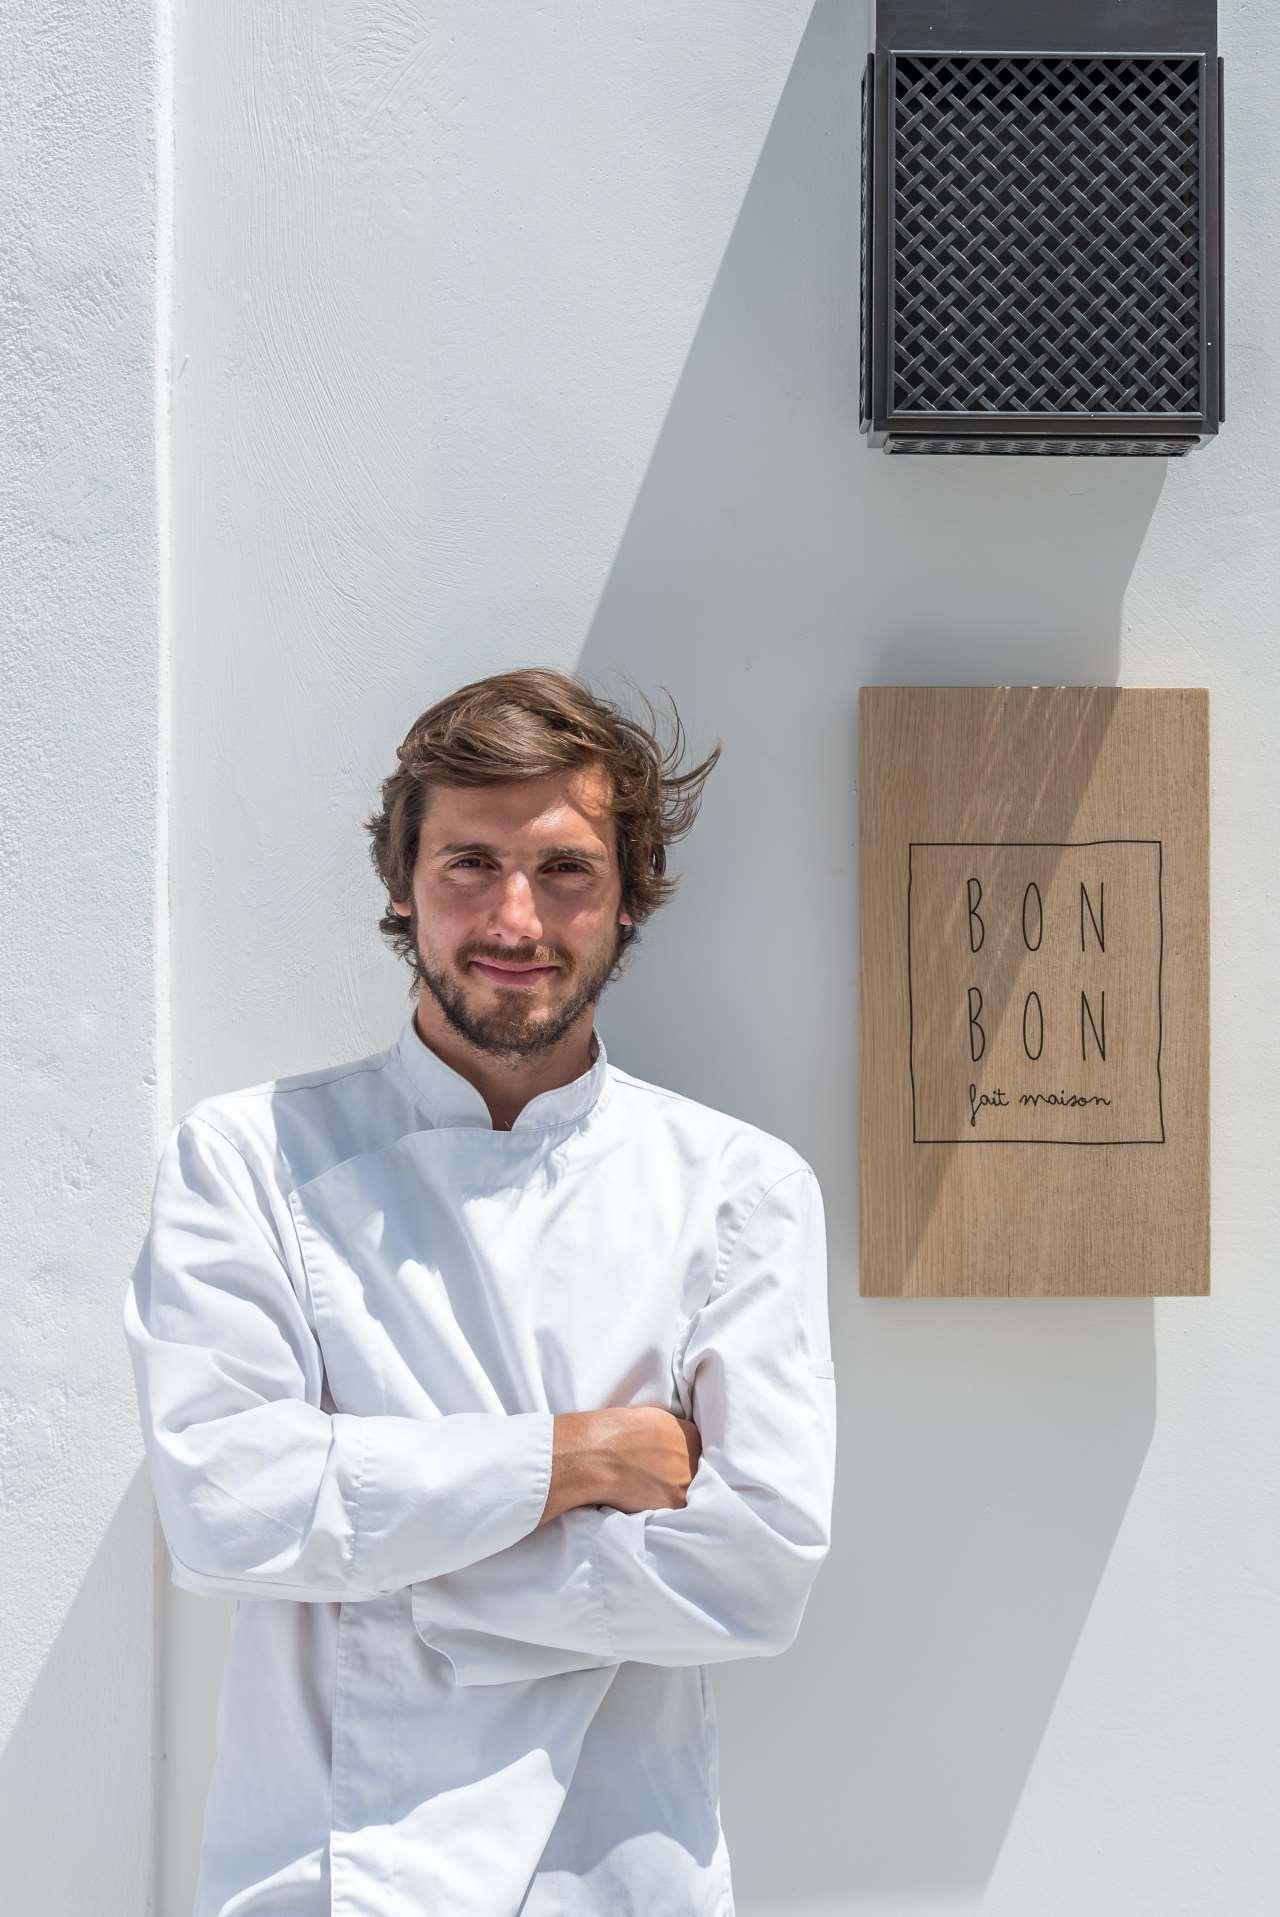 Kriton Minas Poulis, Co-founder and Chef. Photo byGiorgos Sfakianakis.